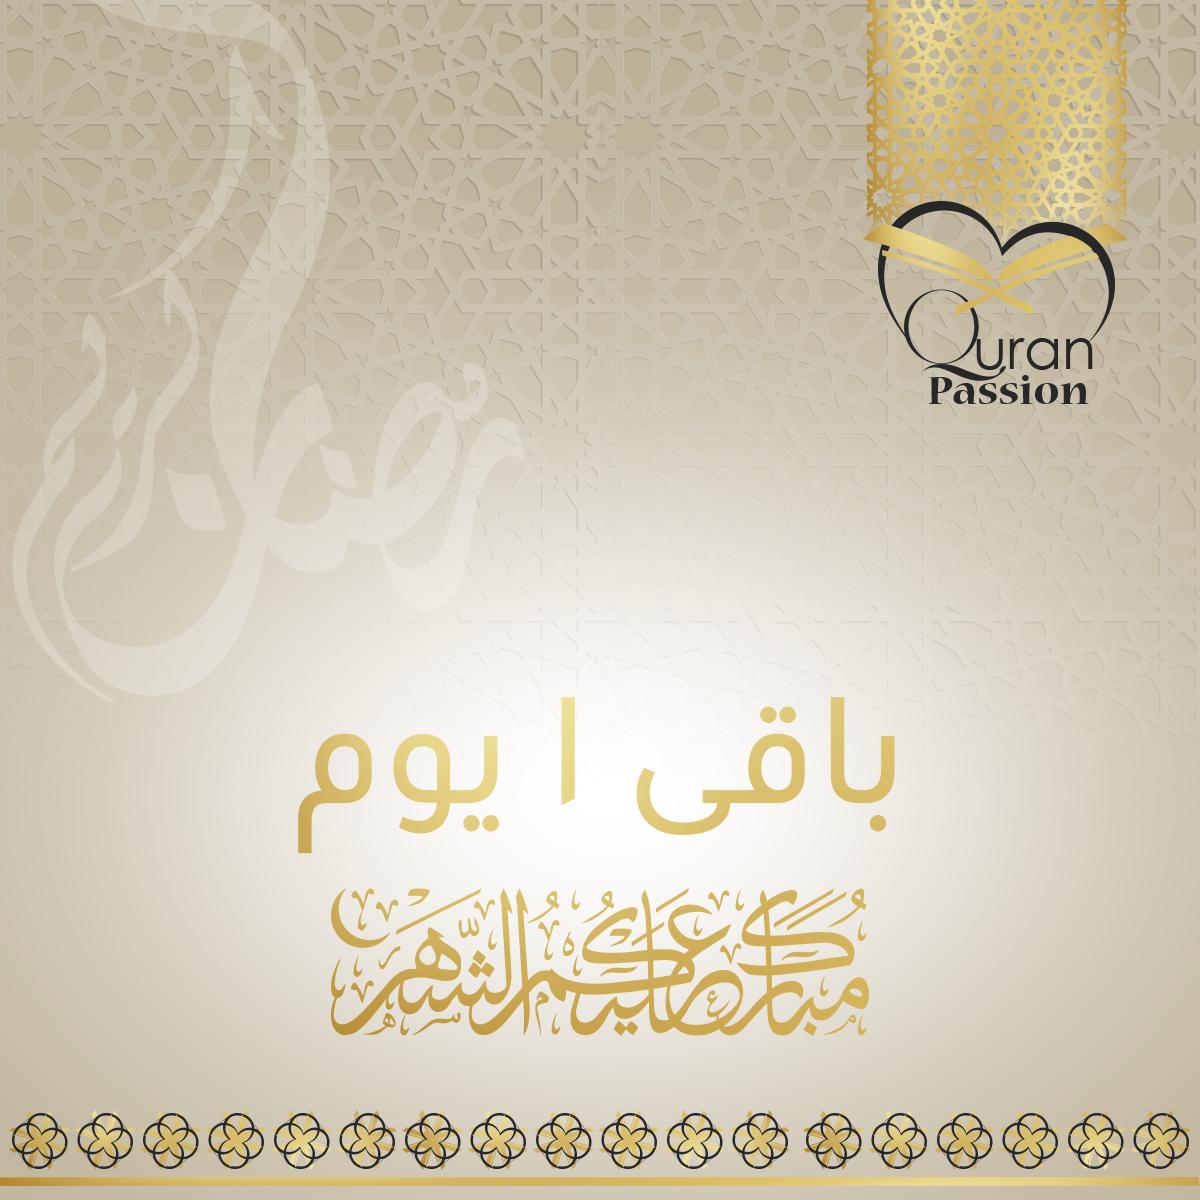 يوم واحد وشهر الخير يفرحنا اللهم اهل علينا رمضان بالأمن والايمان Quran Passion Home Decor Decals